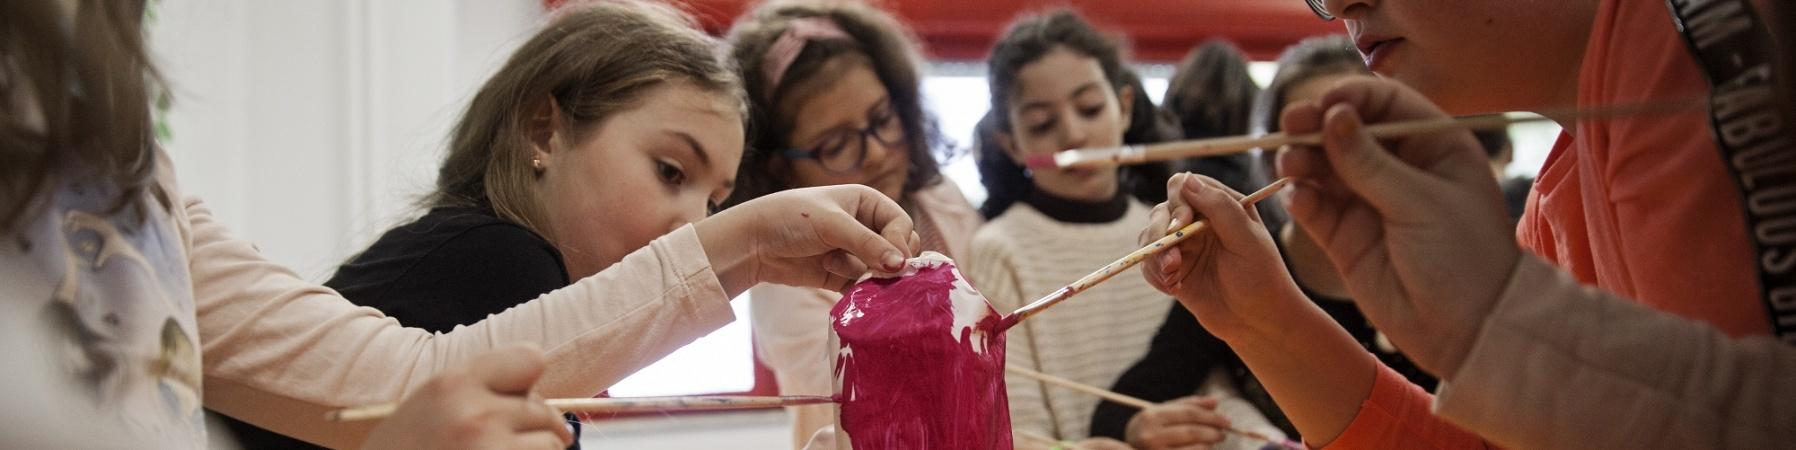 5 ragazze al banco di scuola stanno dipingendo di rosa un loro lavoro artistico